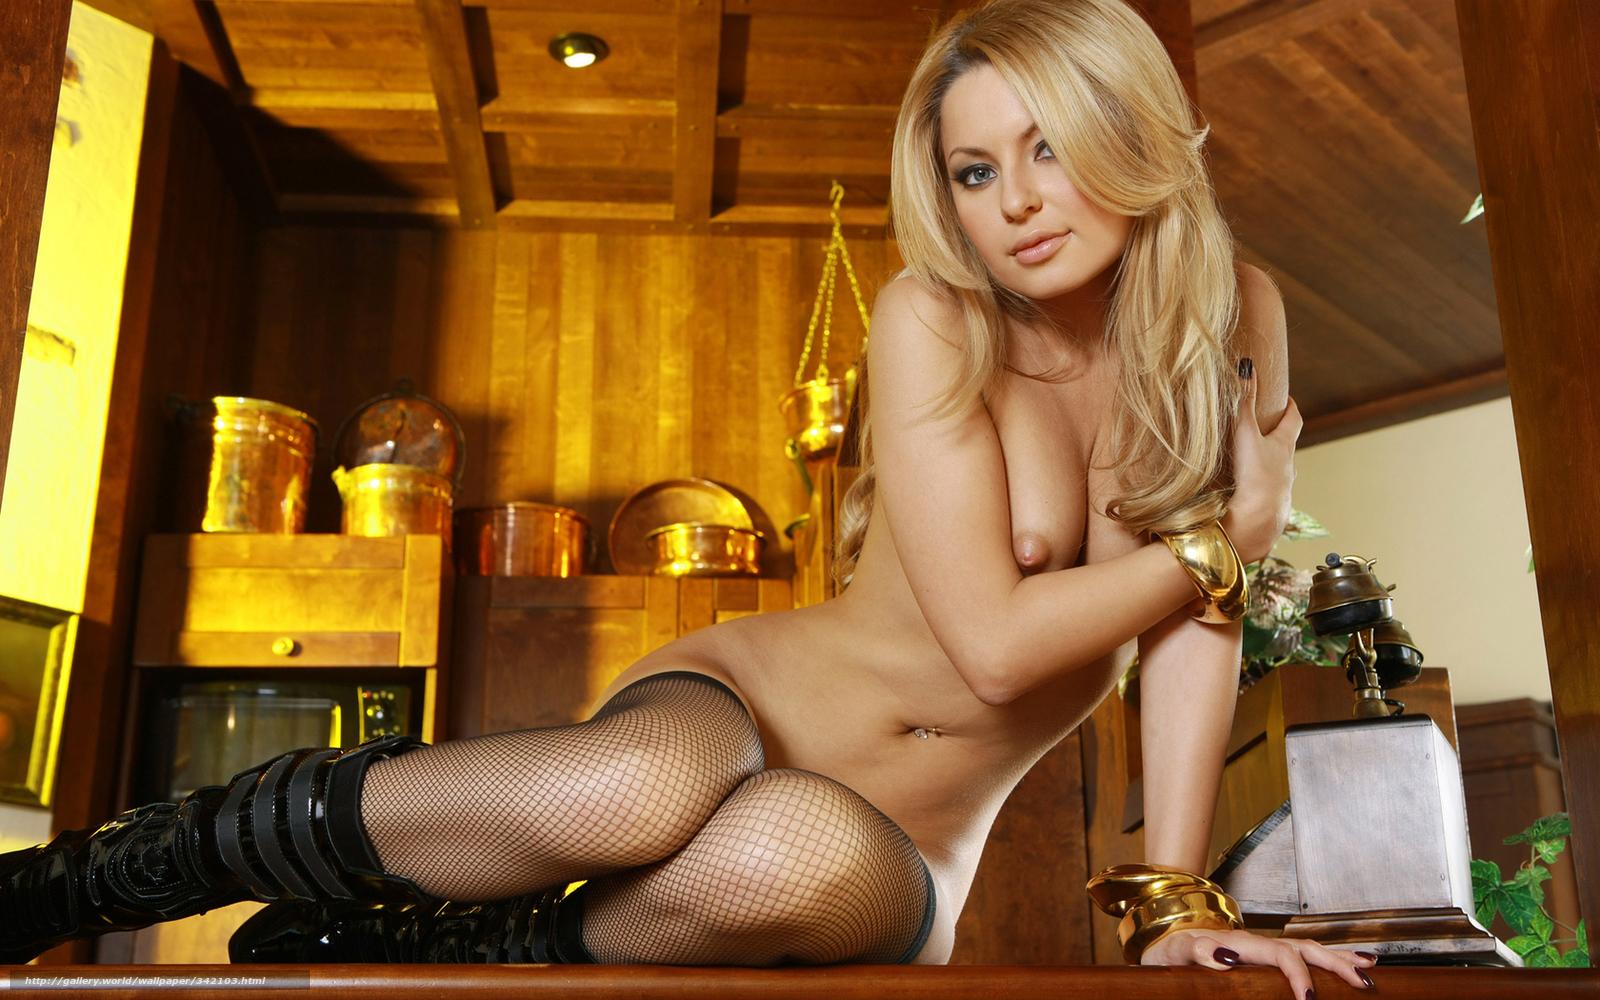 Сексуальная девушка блонда с м1 16 фотография